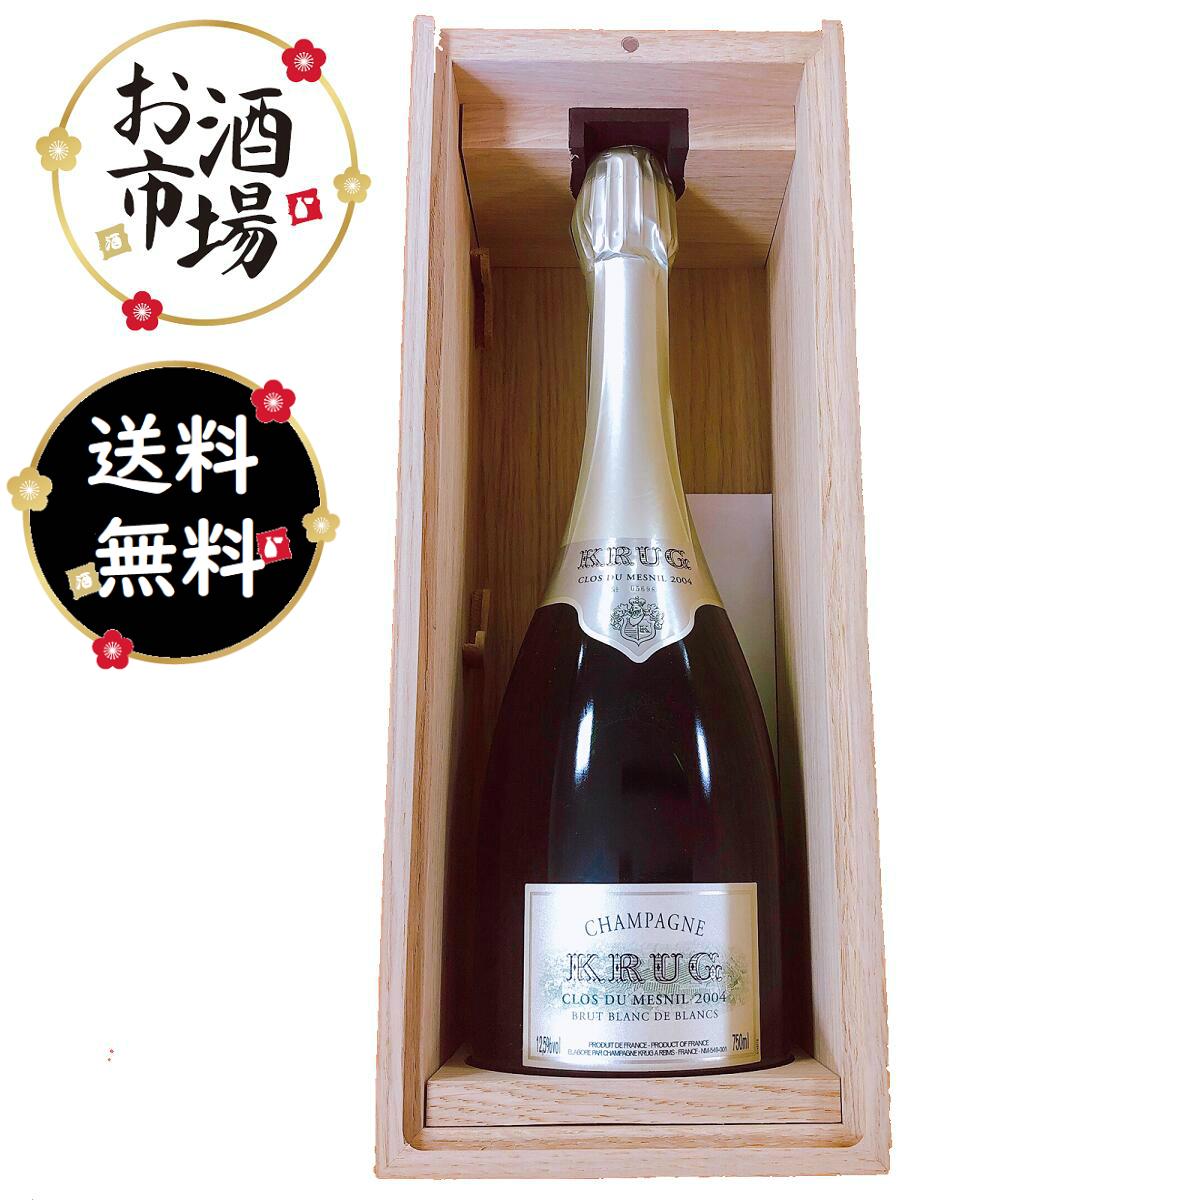 【ワインスペクテーター 97点】クリュッグクロデュメニル 2004 <木箱入り>750ml